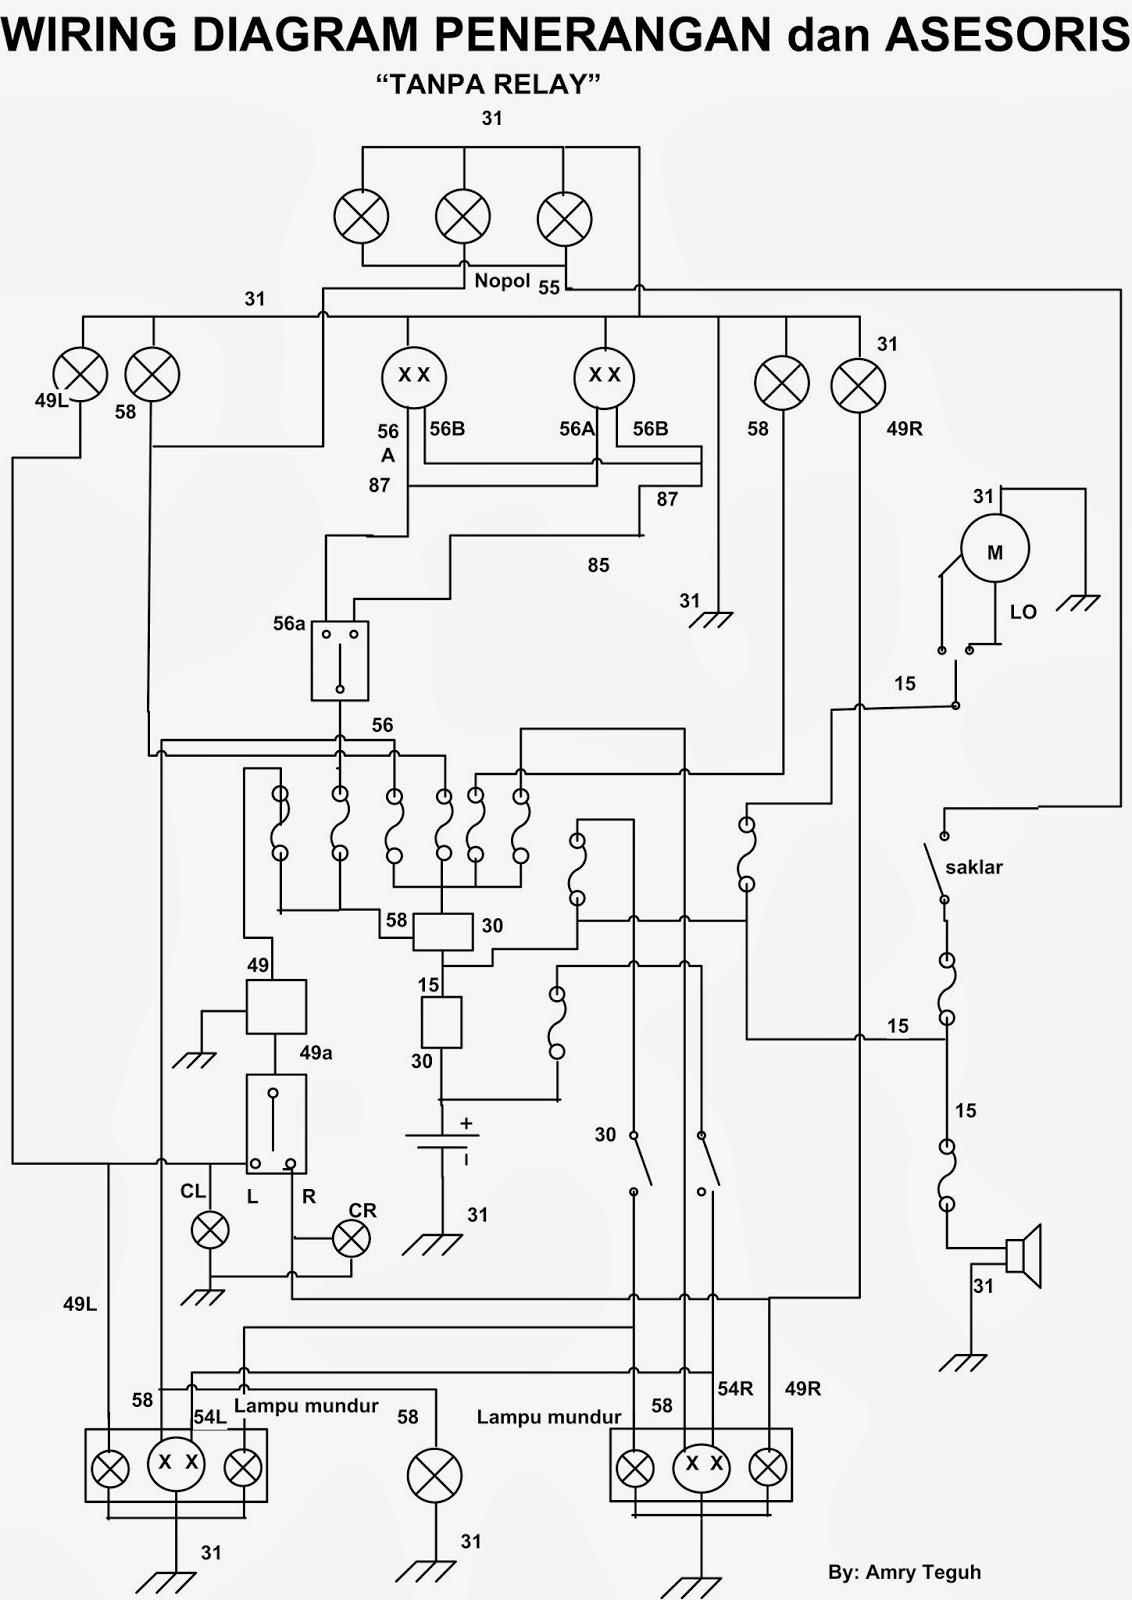 Amry tomBLOG KTW: wiring diagram penerangan dan asesoris mobil